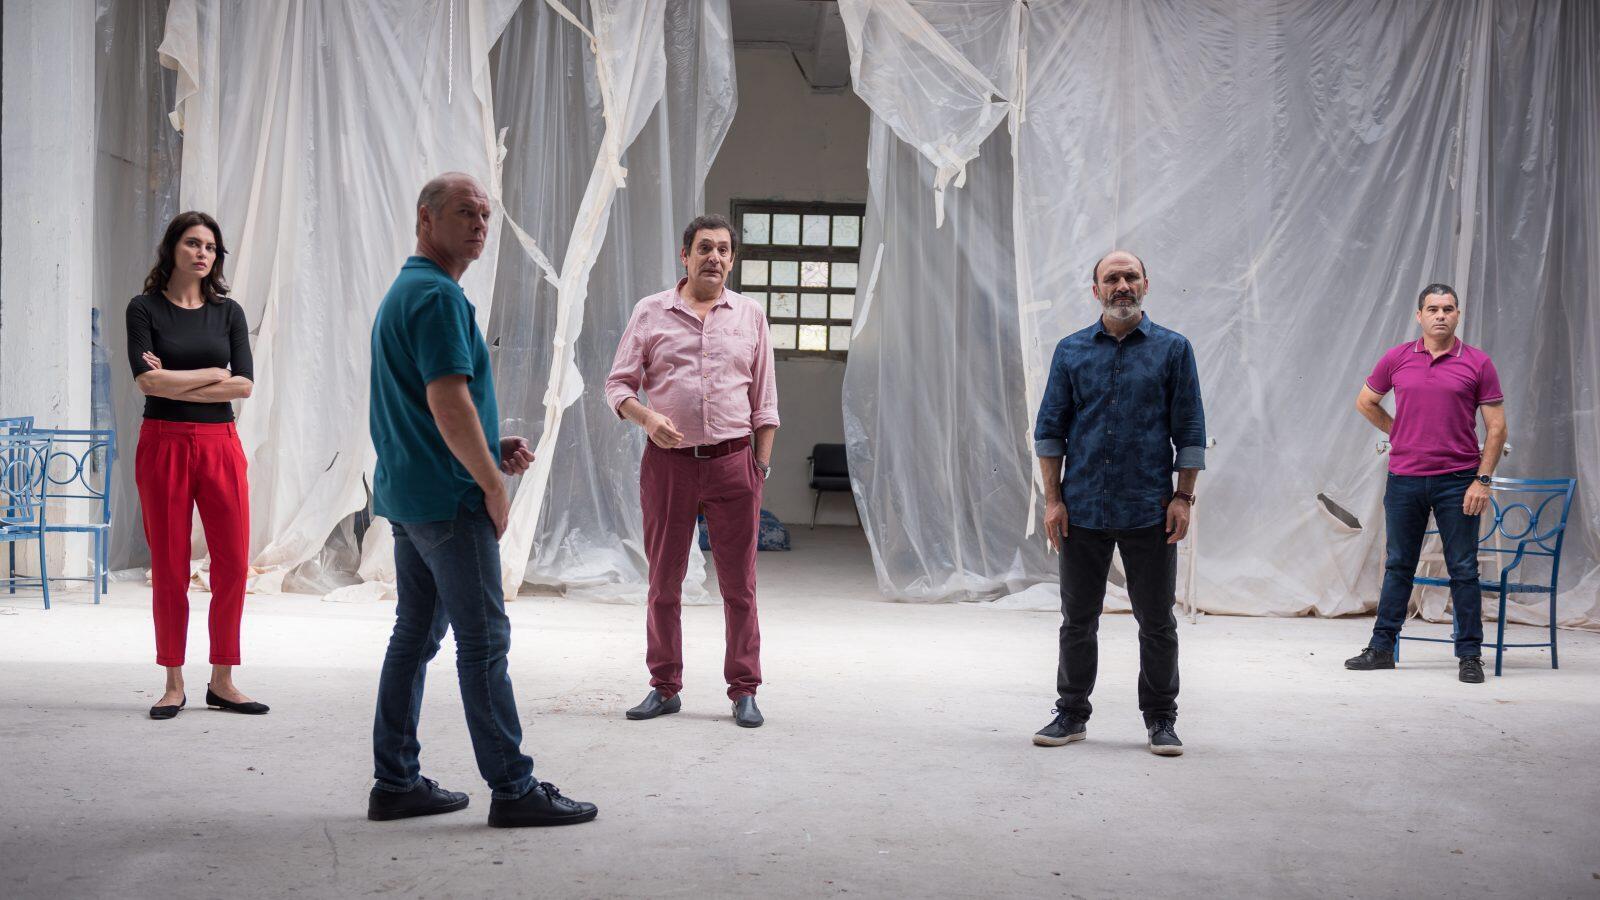 Catrinel Marlon, Vlad Ivanov, Agustí Villaronga et Antonio Buíl dans « Les Siffleurs », de Corneliu Porumboiu.